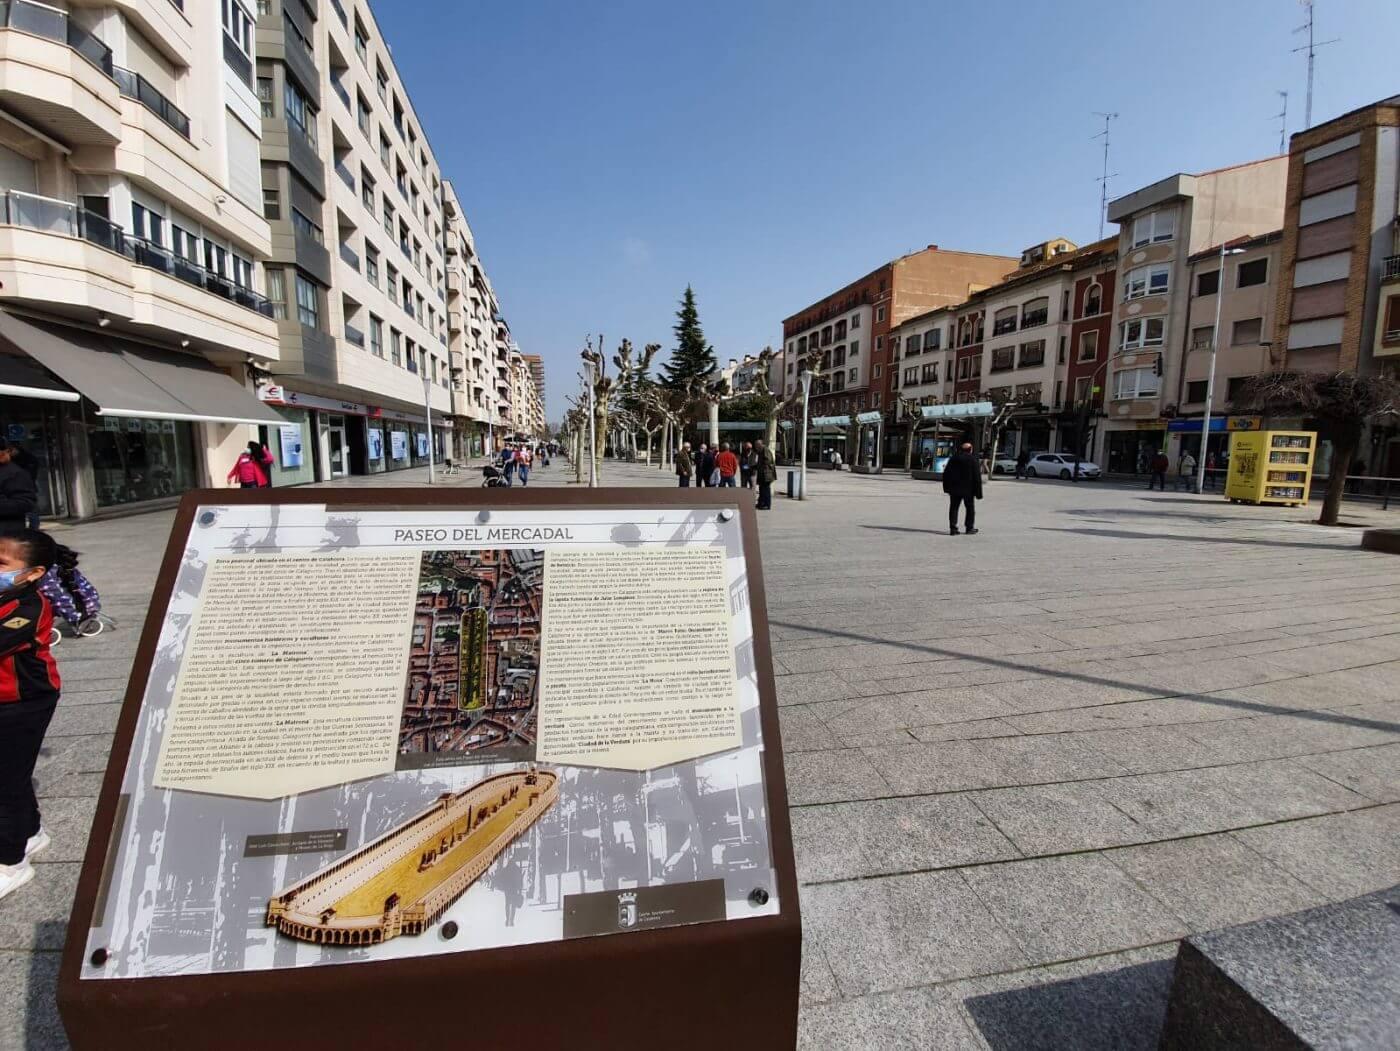 El Ayuntamiento de Calahorra invierte 5.887 euros en la colocación de señalización turística en el Paseo del Mercadal